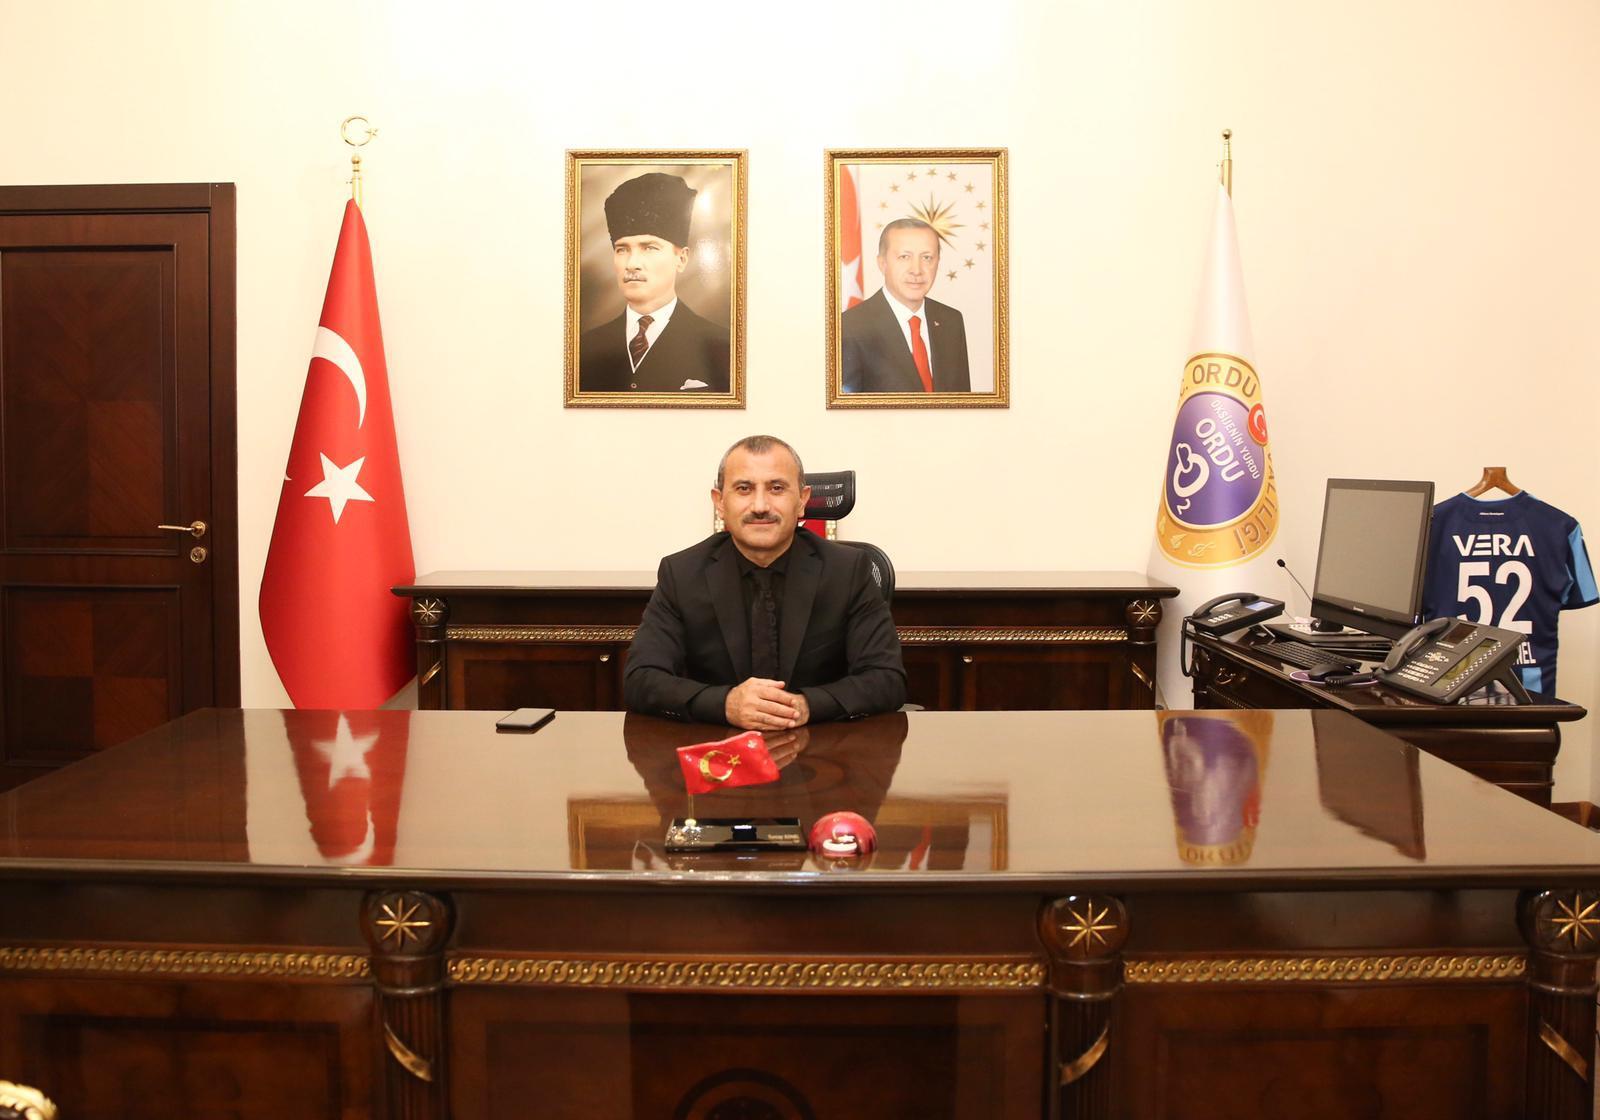 Valimiz Sayın Tuncay SONEL'in 24 Kasım Öğretmenler Günü Mesajı